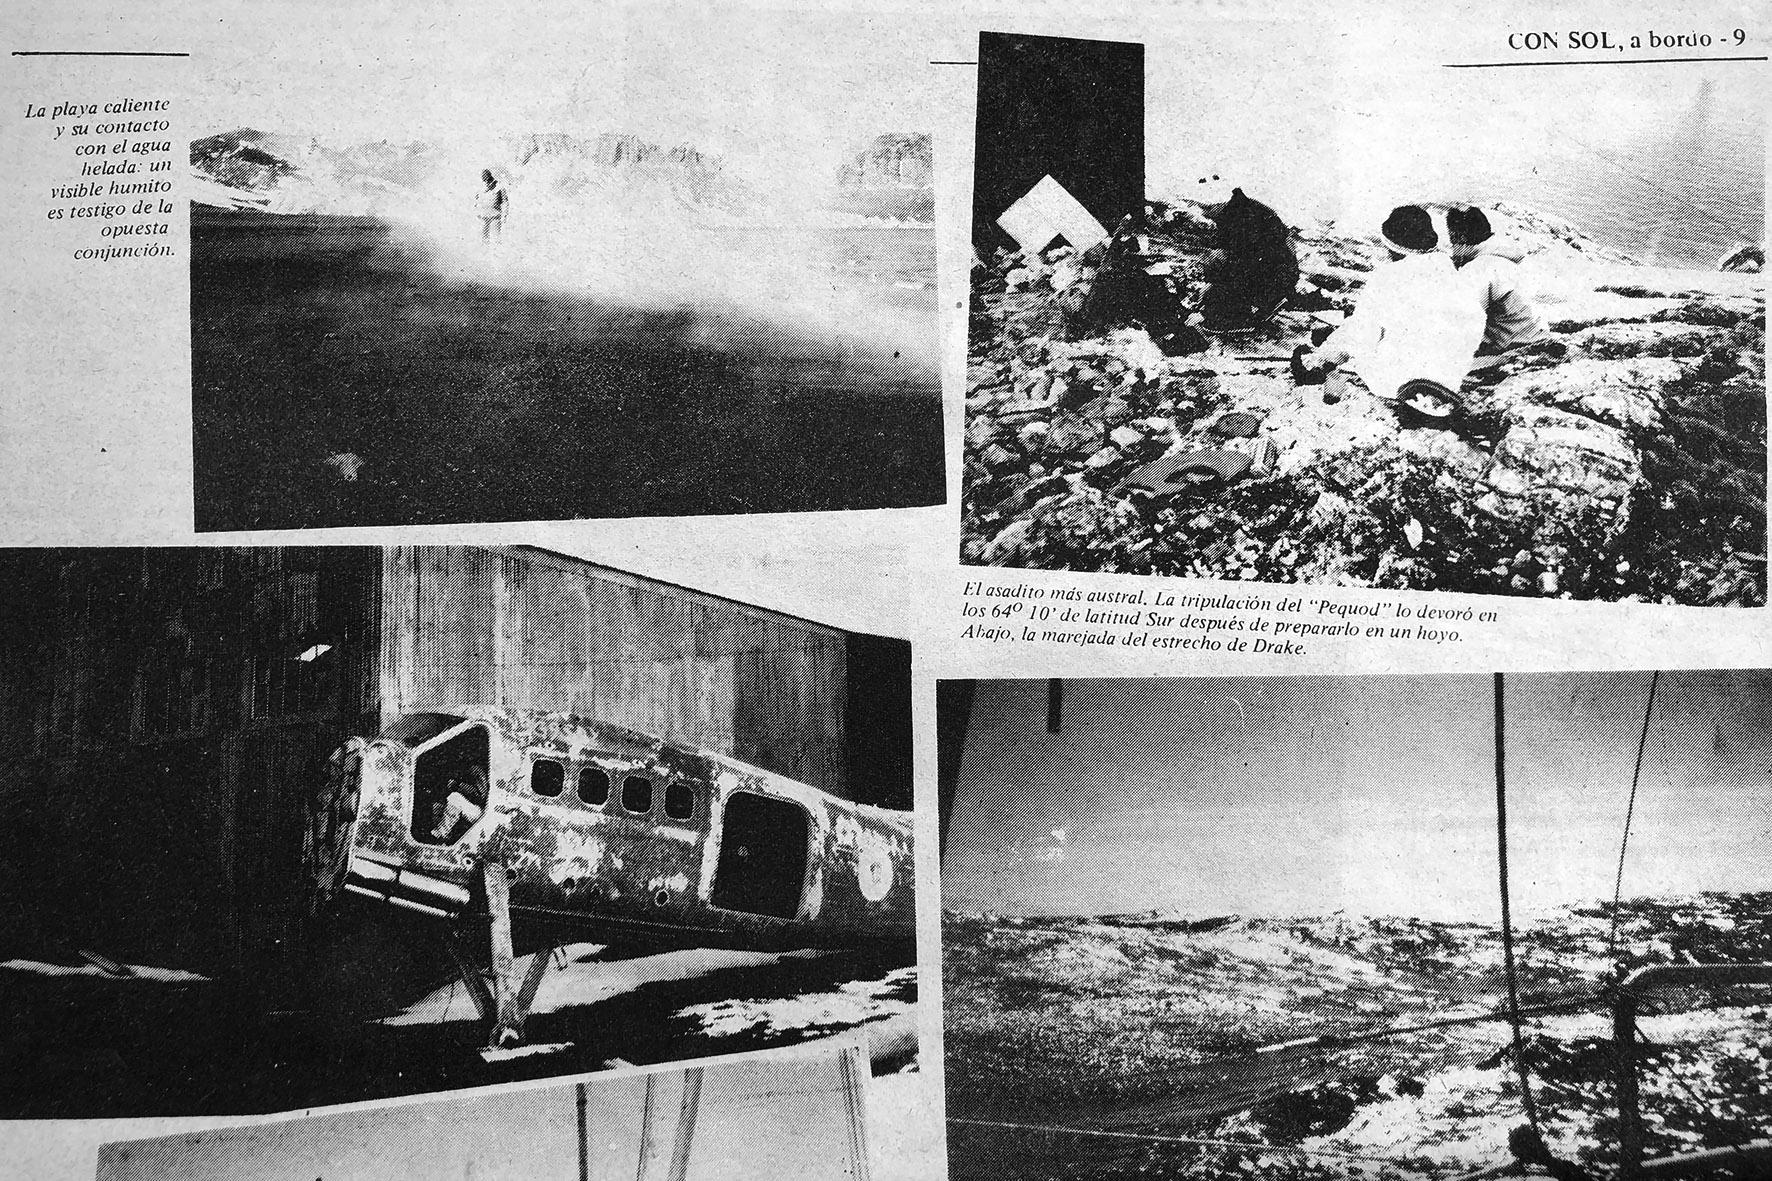 El primer viaje del Pequod – Año 1987 06